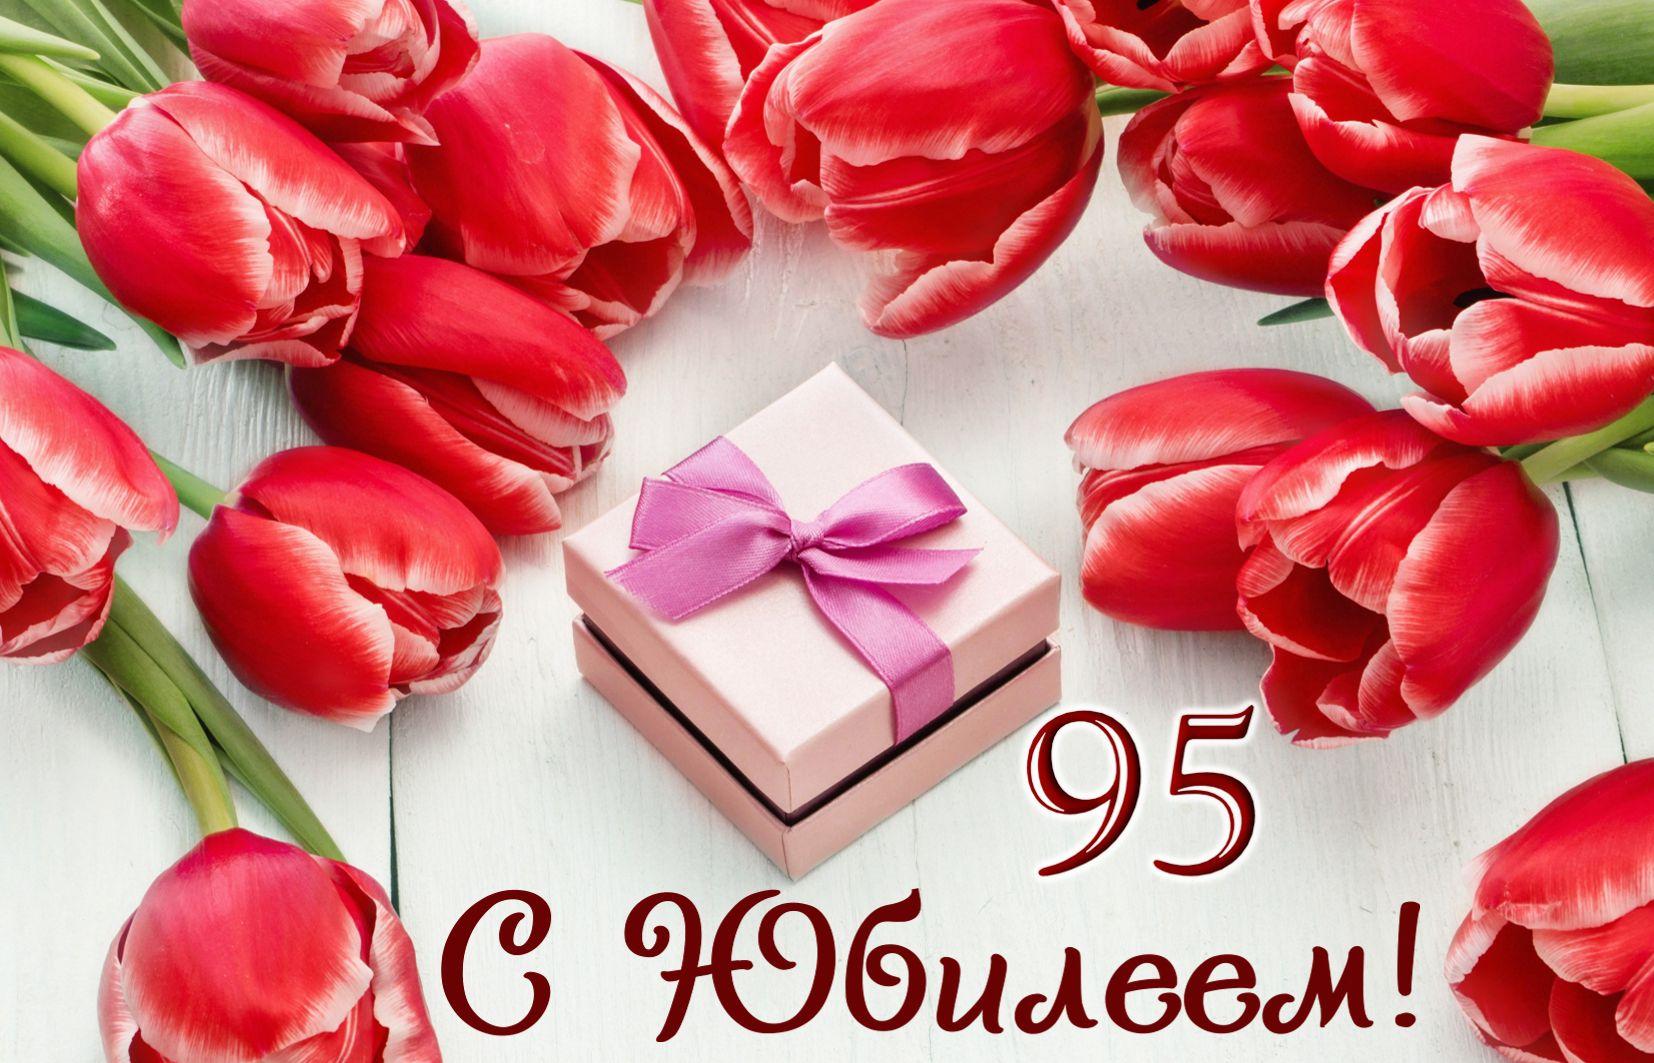 Открытка на юбилей 95 лет - подарок в оформлении из красных тюльпанов